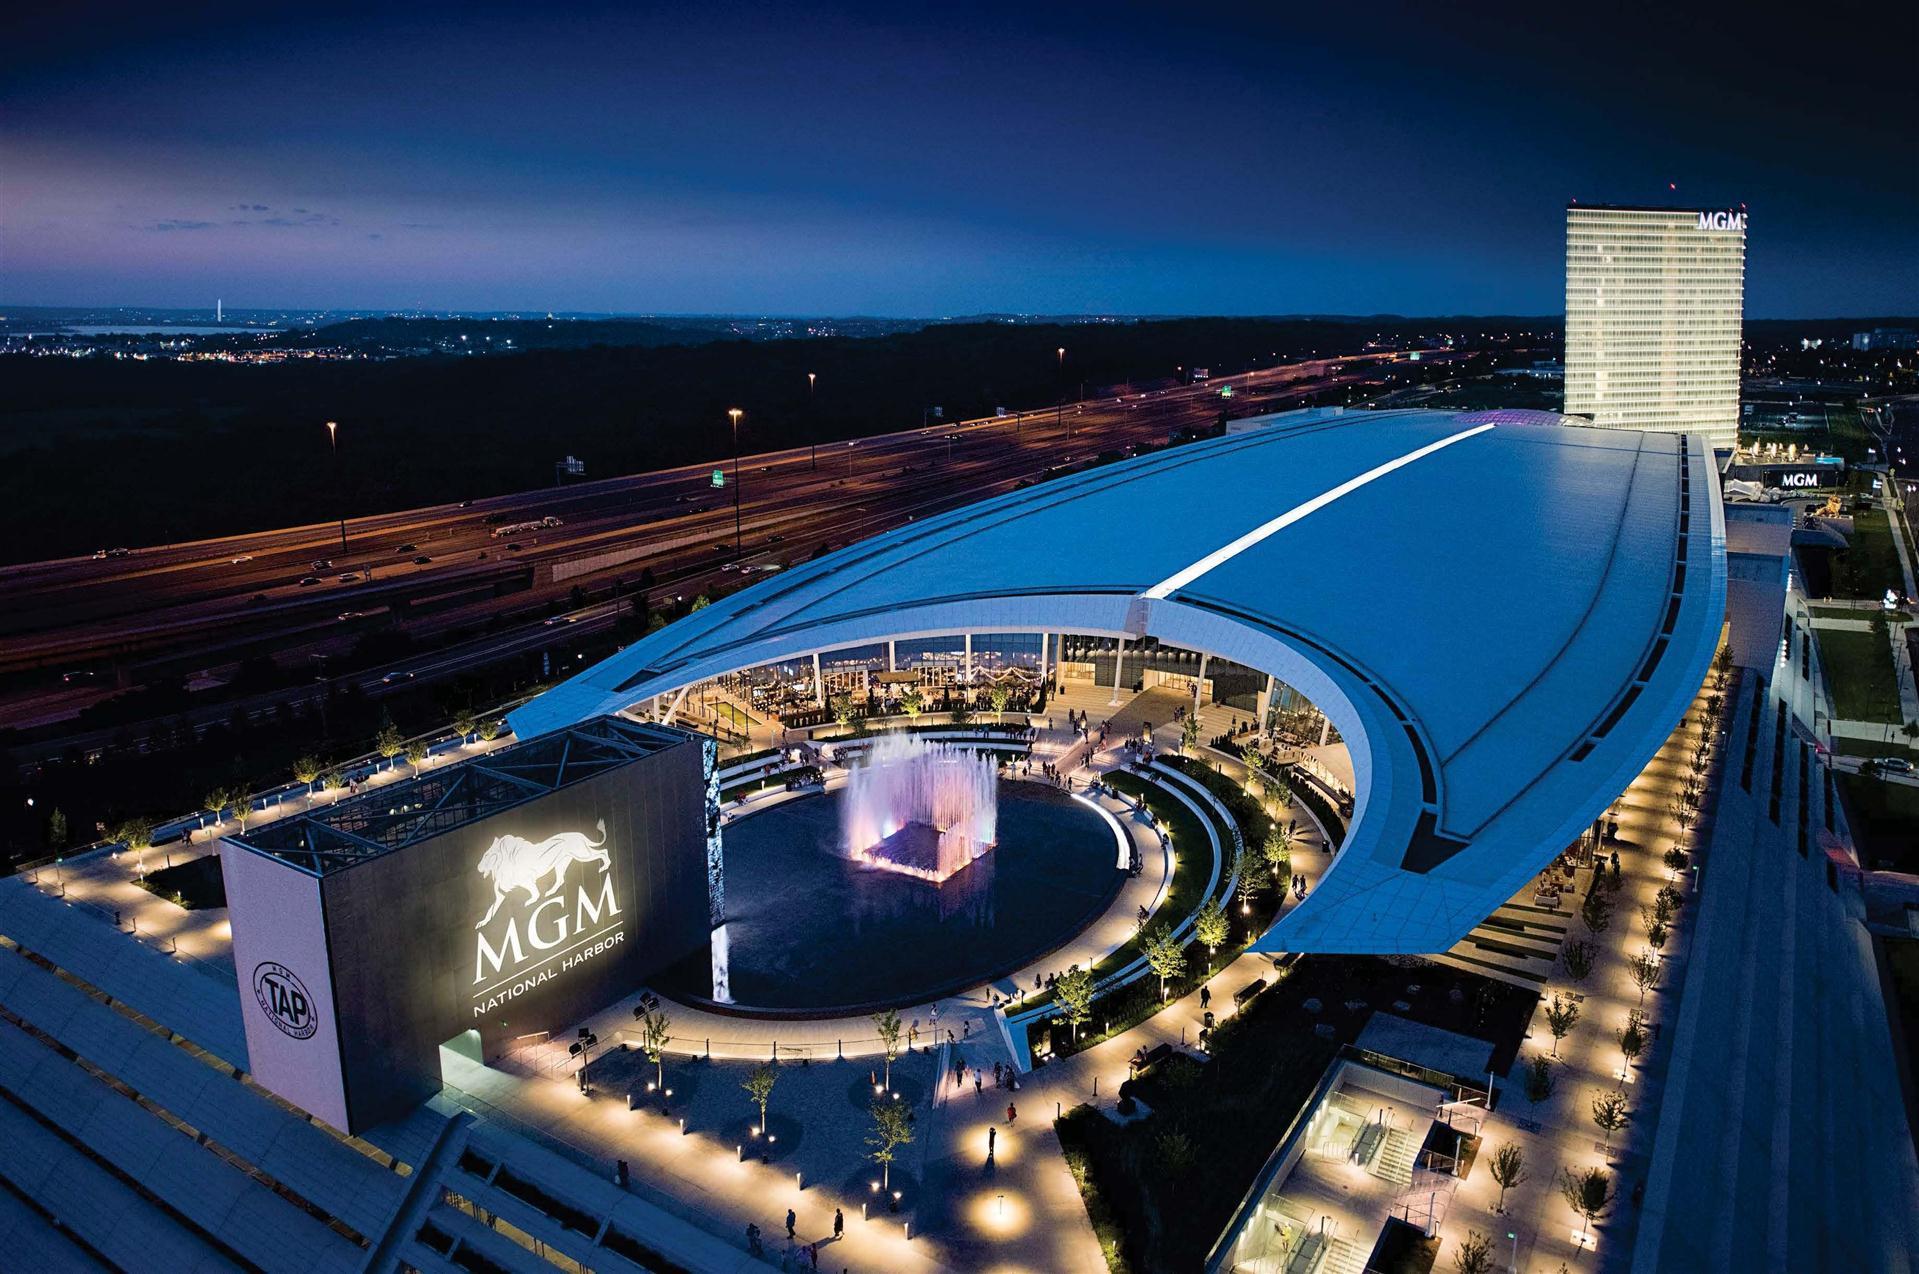 Mgm grand casino in maryland trump casino daytona